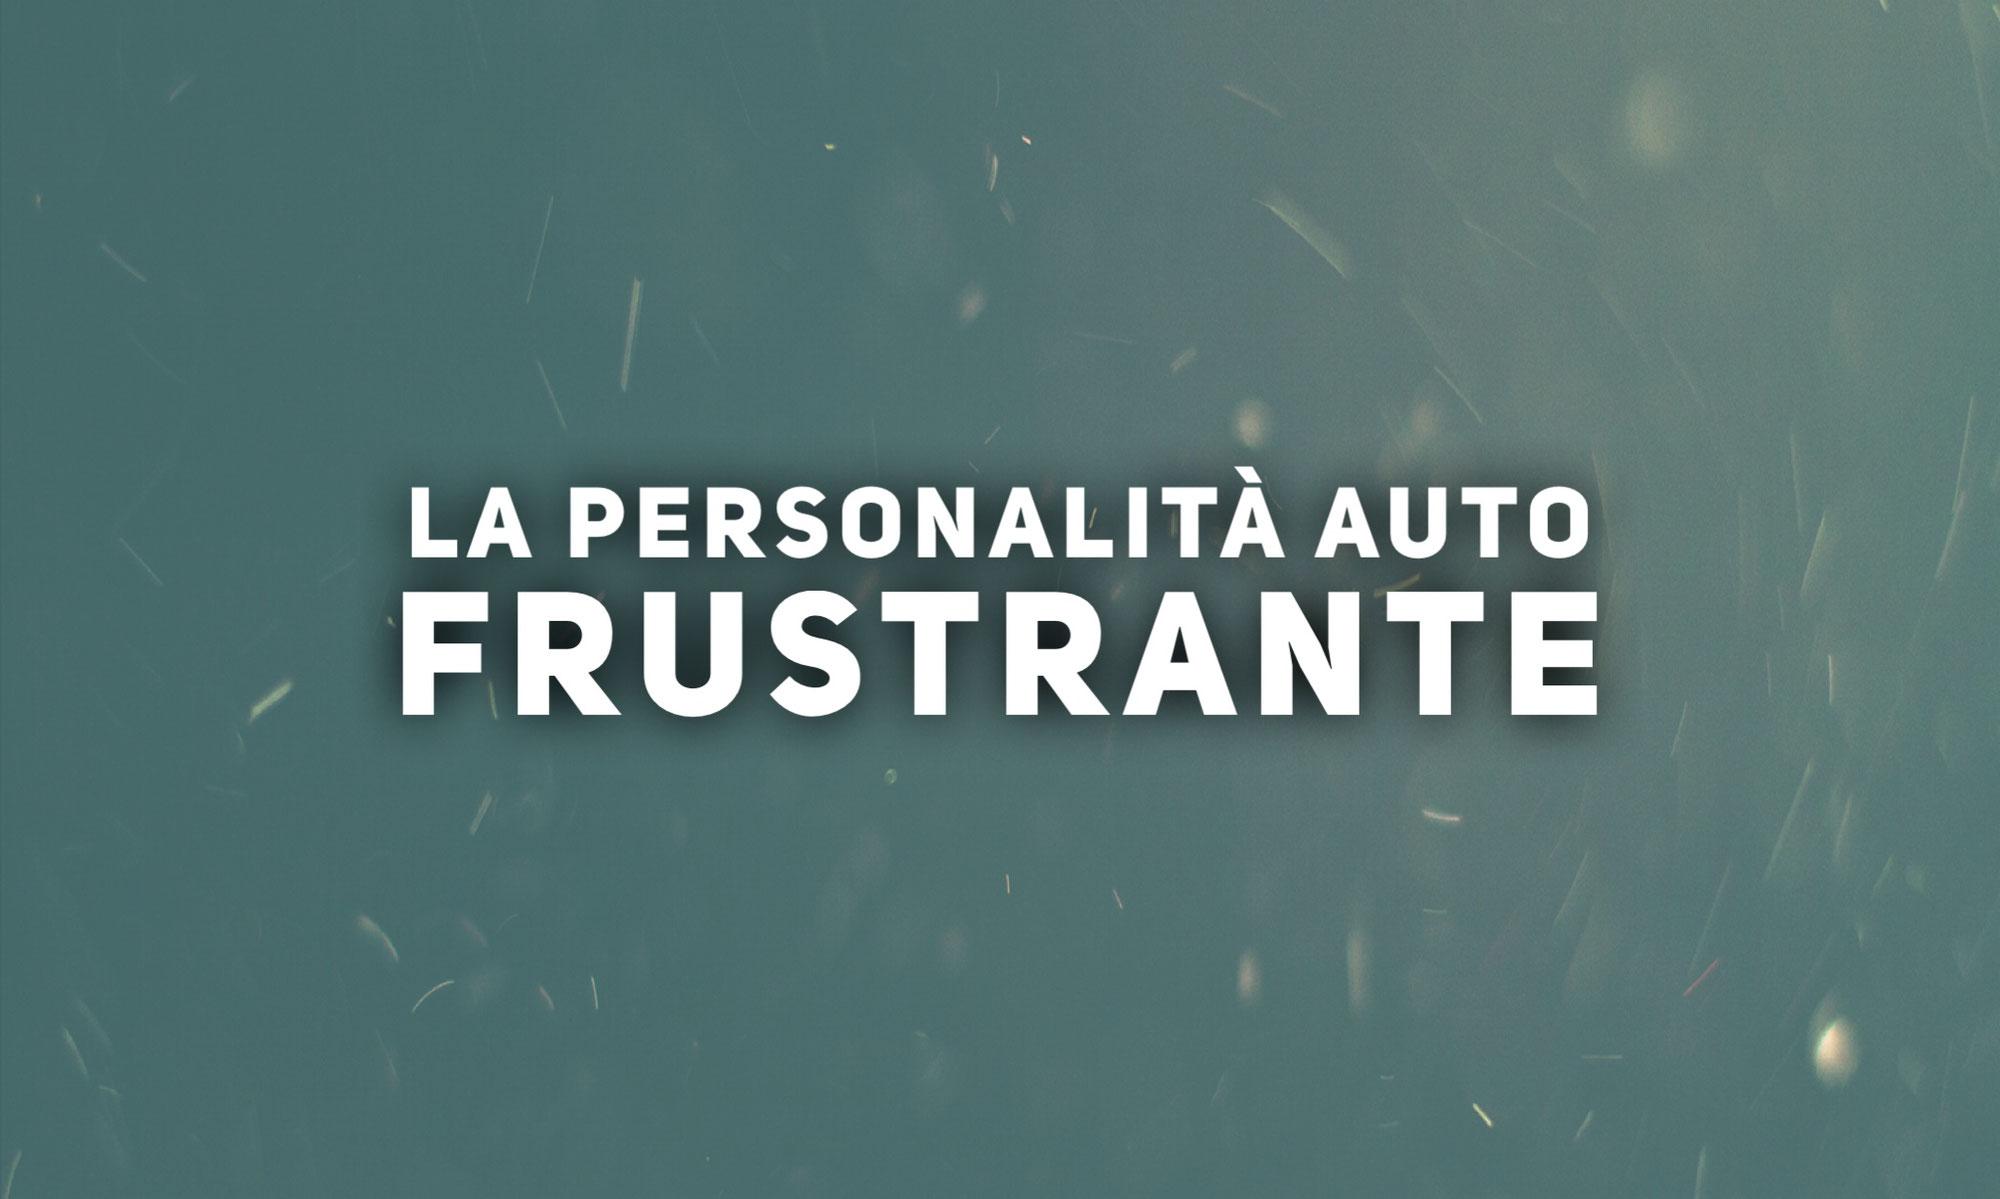 Il Disturbo Auto-Frustrante di Personalità